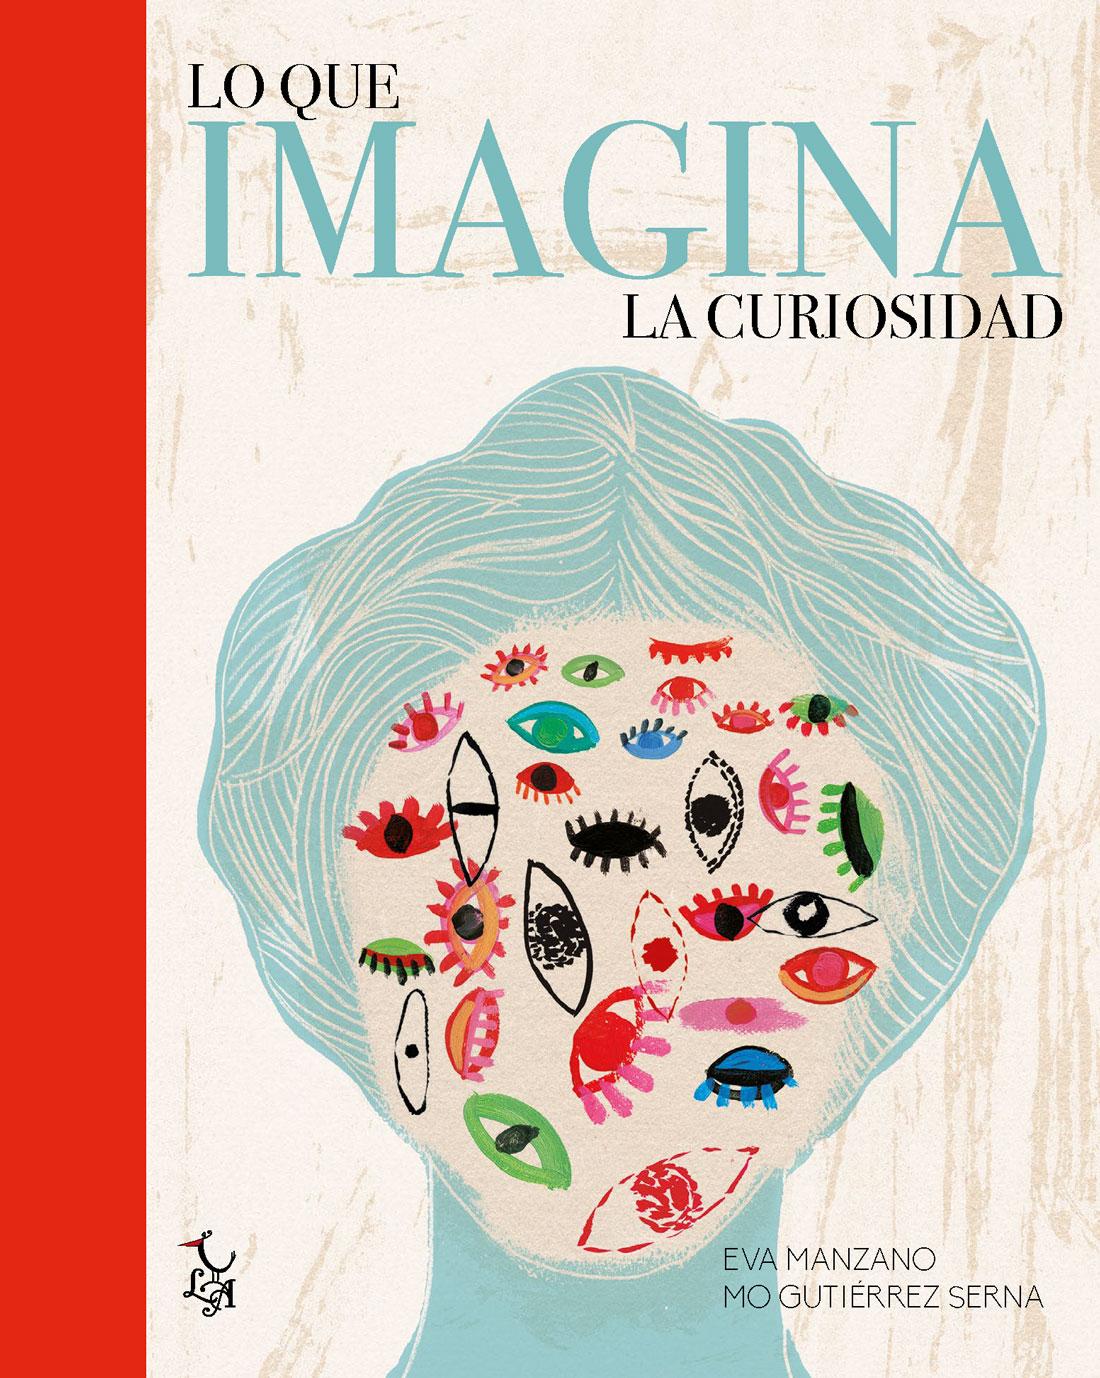 Mónica Gutiérrez: LO QUE IMAGINA LA CURIOSIDAD